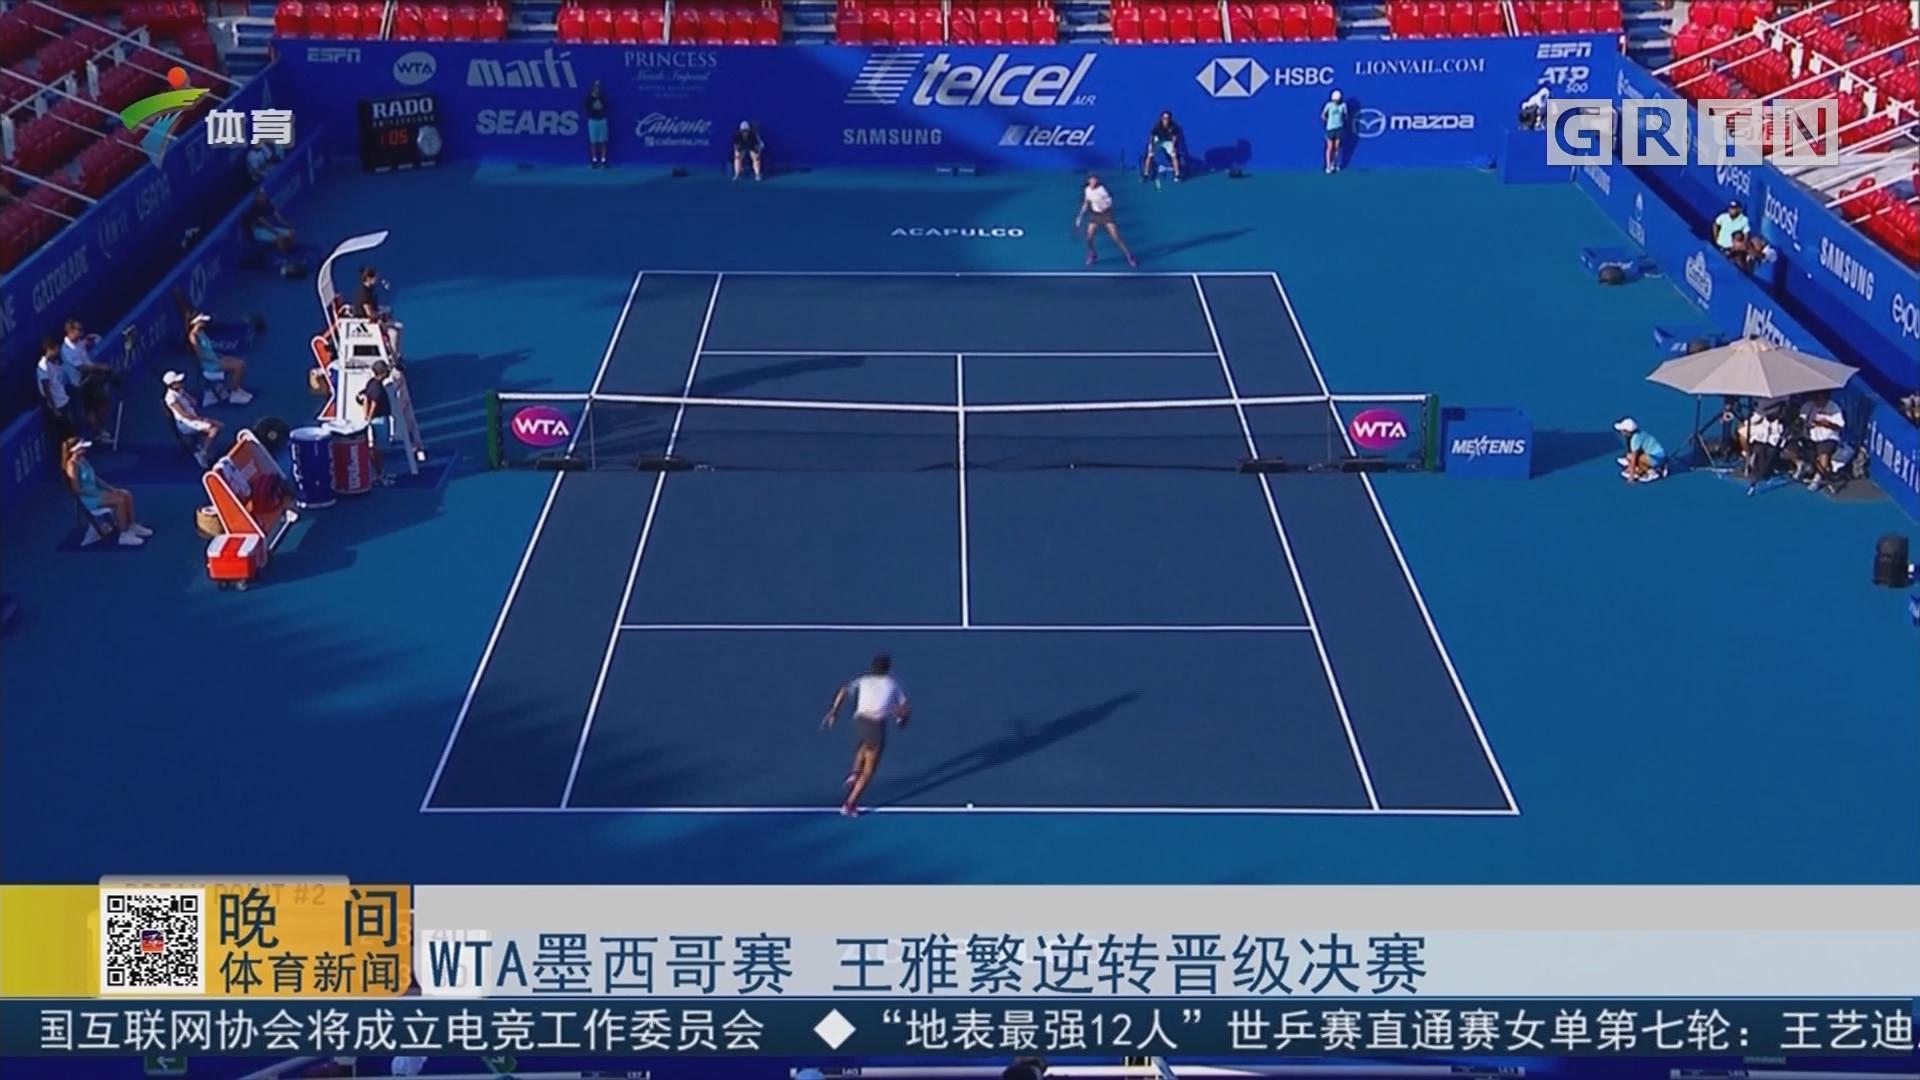 WTA墨西哥赛 王雅繁逆转晋级决赛